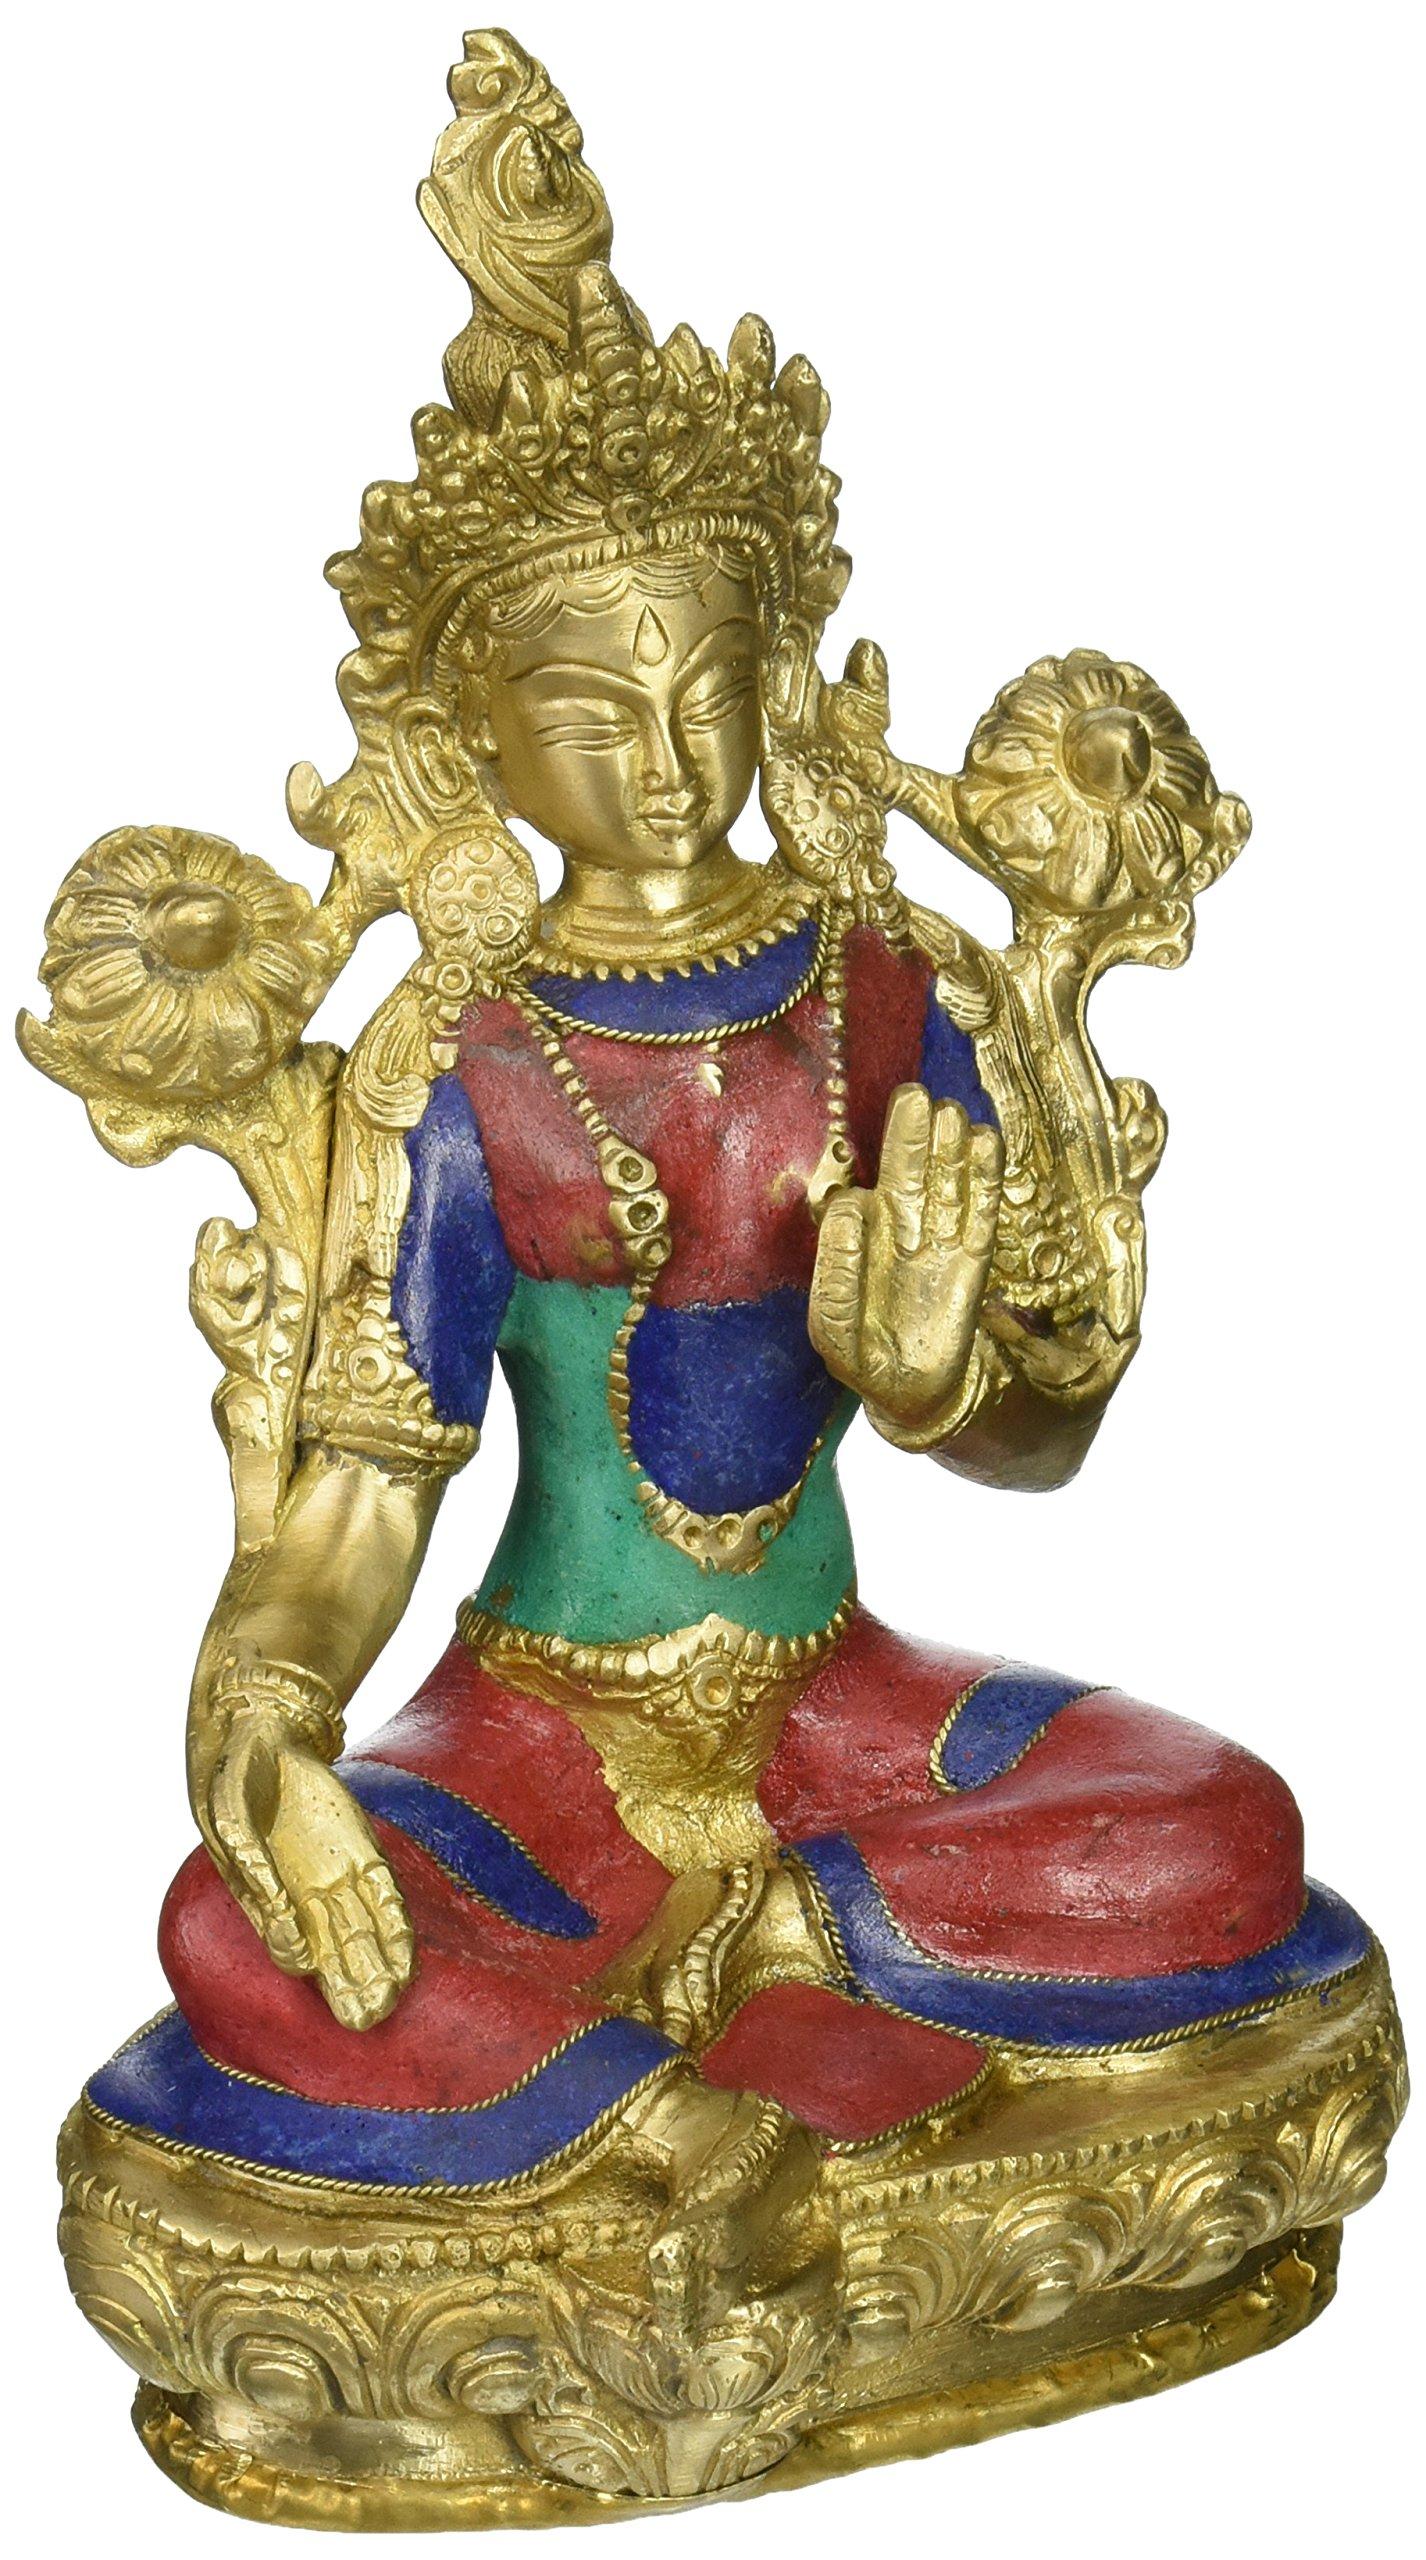 AapnoCraft Attractive Tara Buddha Statue Thai Goddess Lady Buddha Sculpture Brass Buddhist Figurine Garden Decor Valentine Gifts